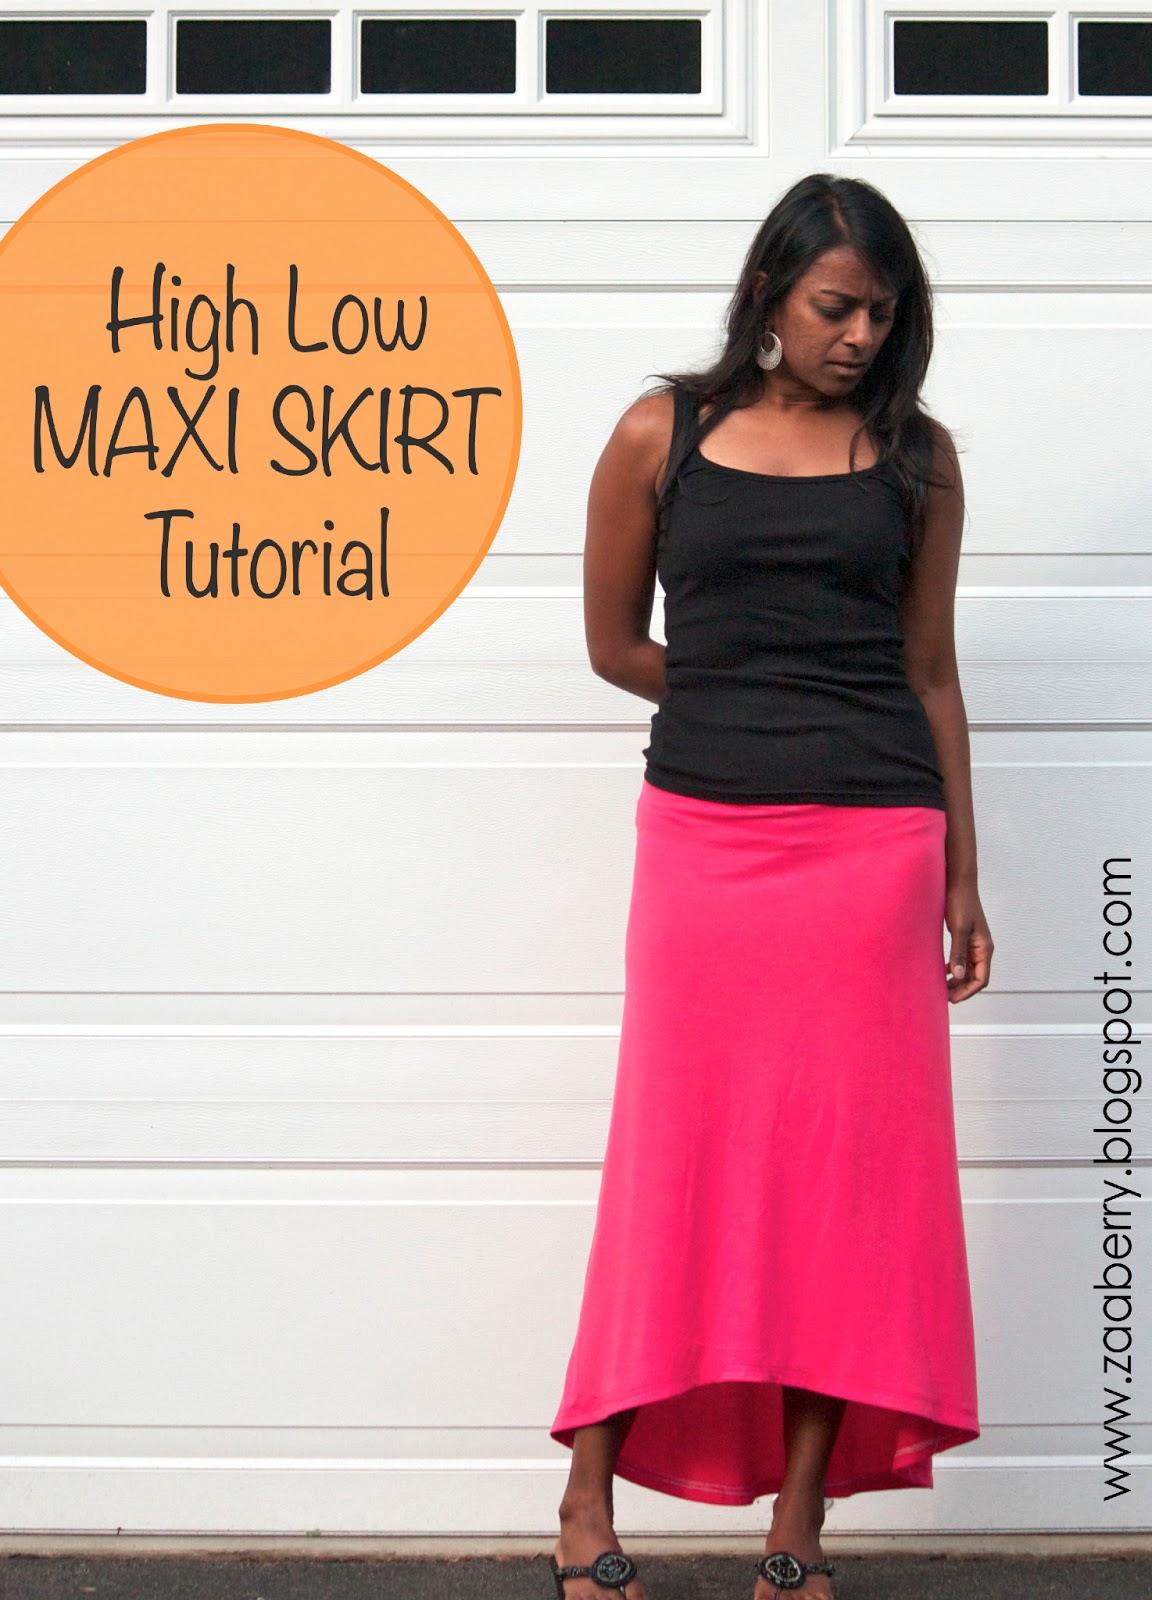 Zaaberry: High Low Maxi Skirt - TUTORIAL